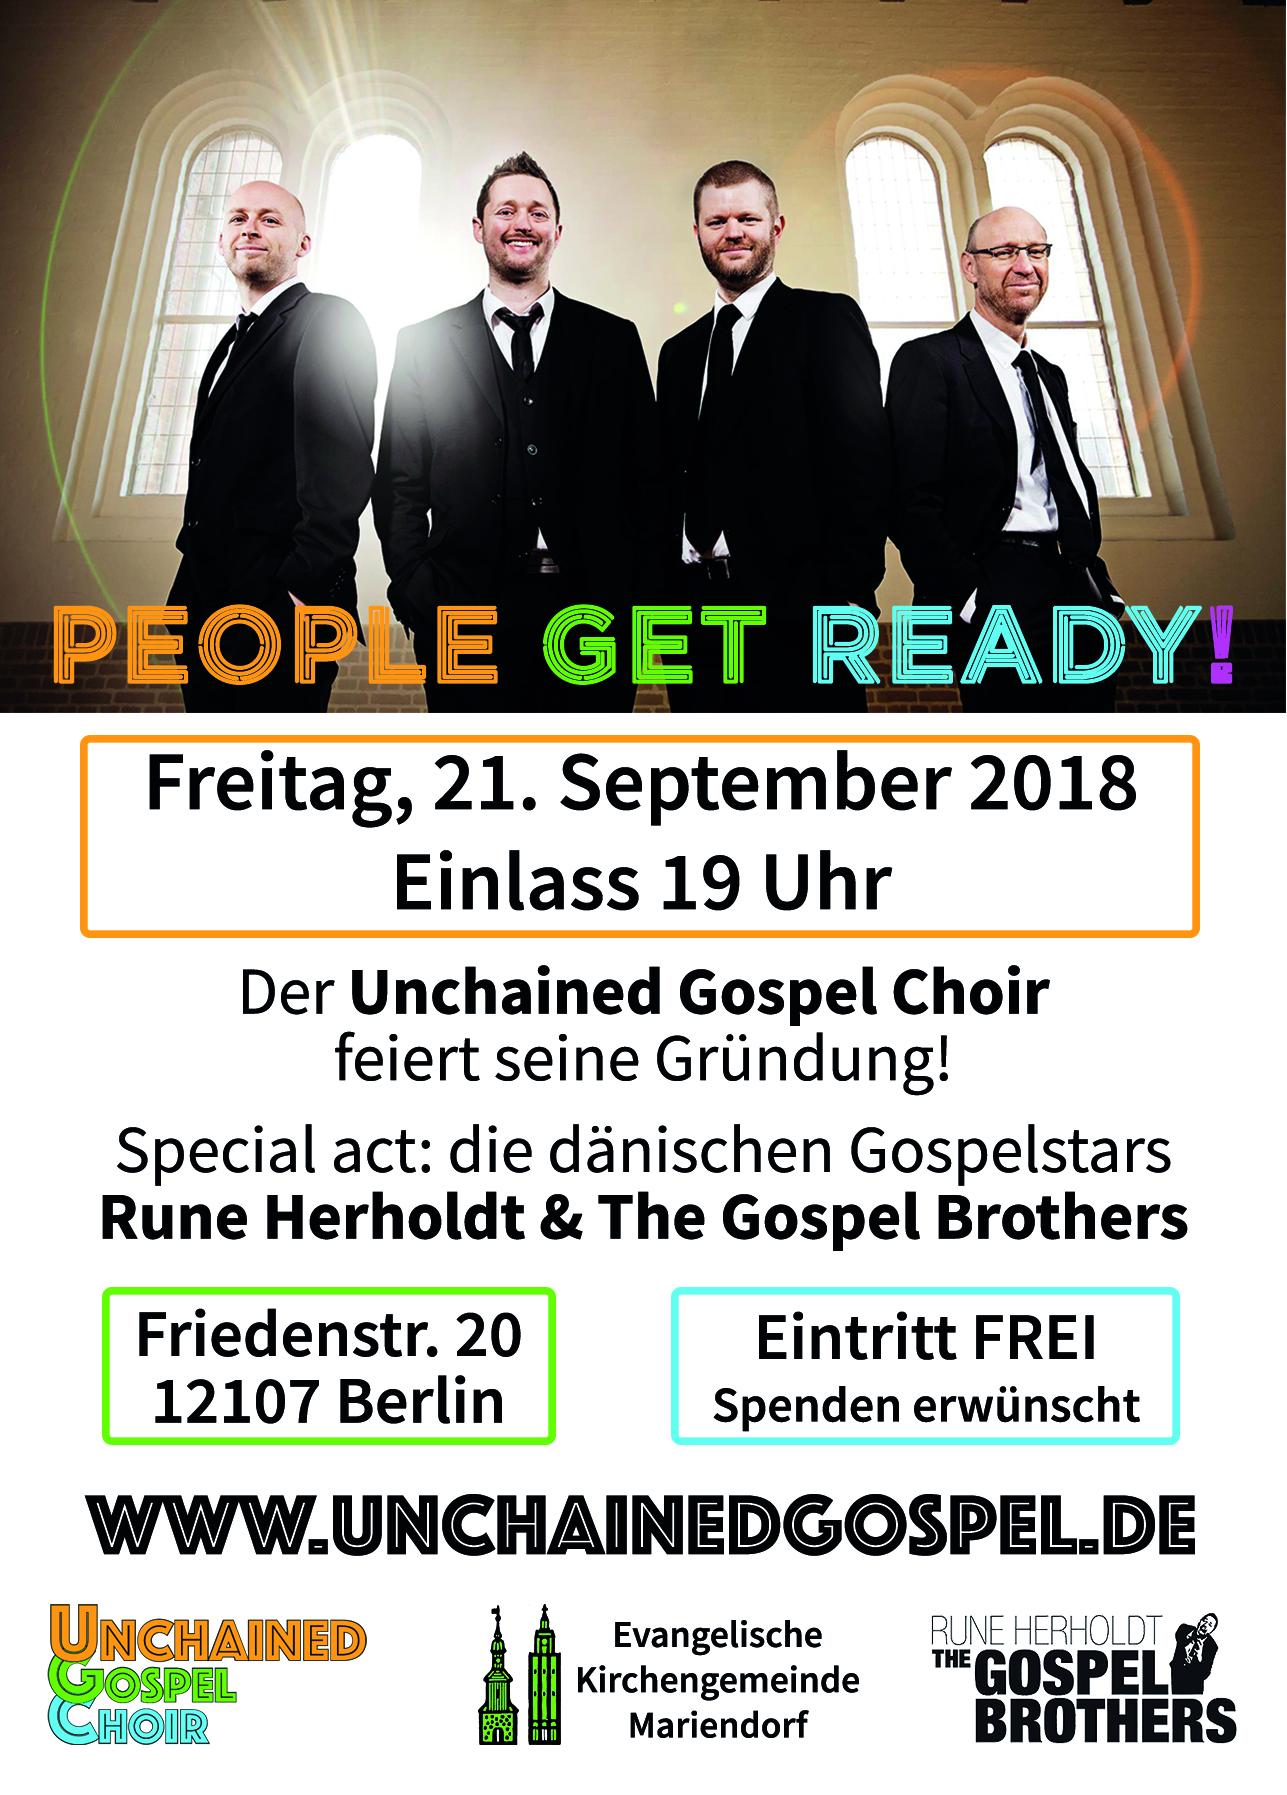 Gospelchor berlin